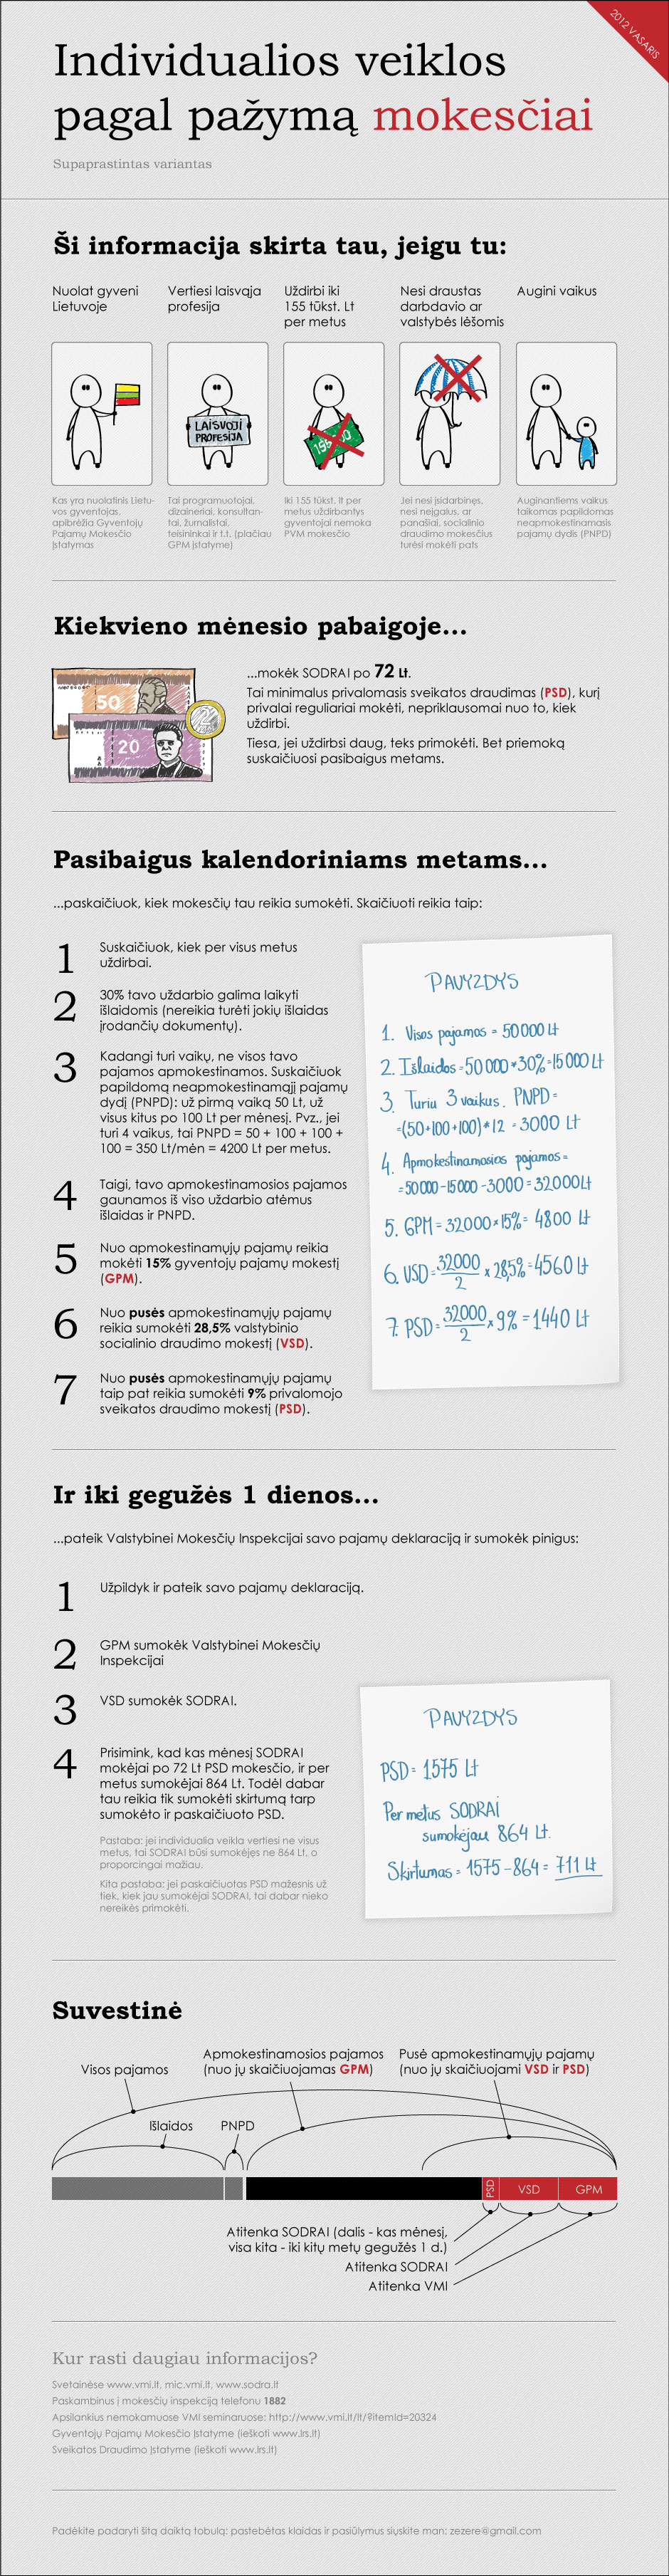 IVV-pagal-pazyma-mokesciai-supaprastinti-su-vaikais-2012-02